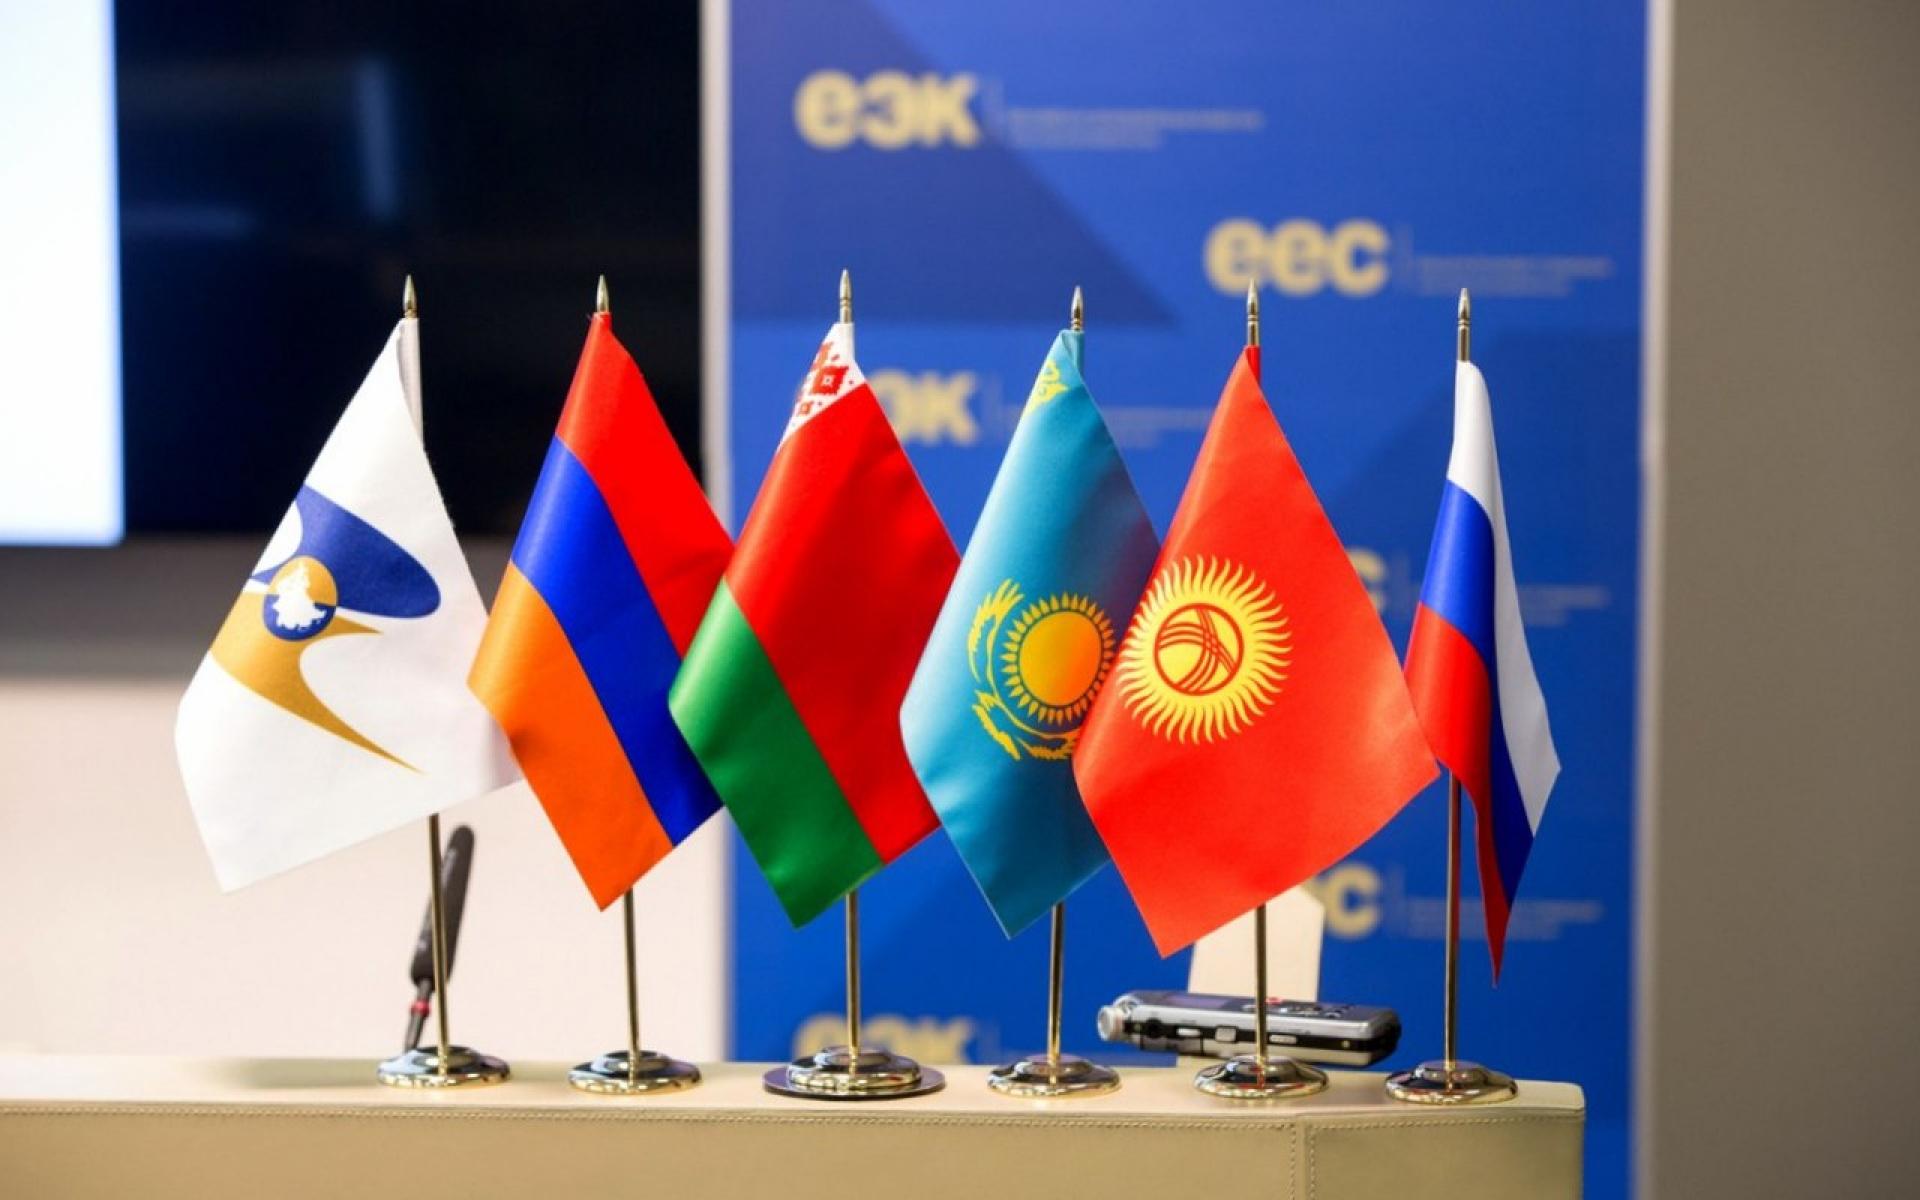 Когда будет подписано соглашение о зоне ЗСТ между ЕАЭС и Сербией